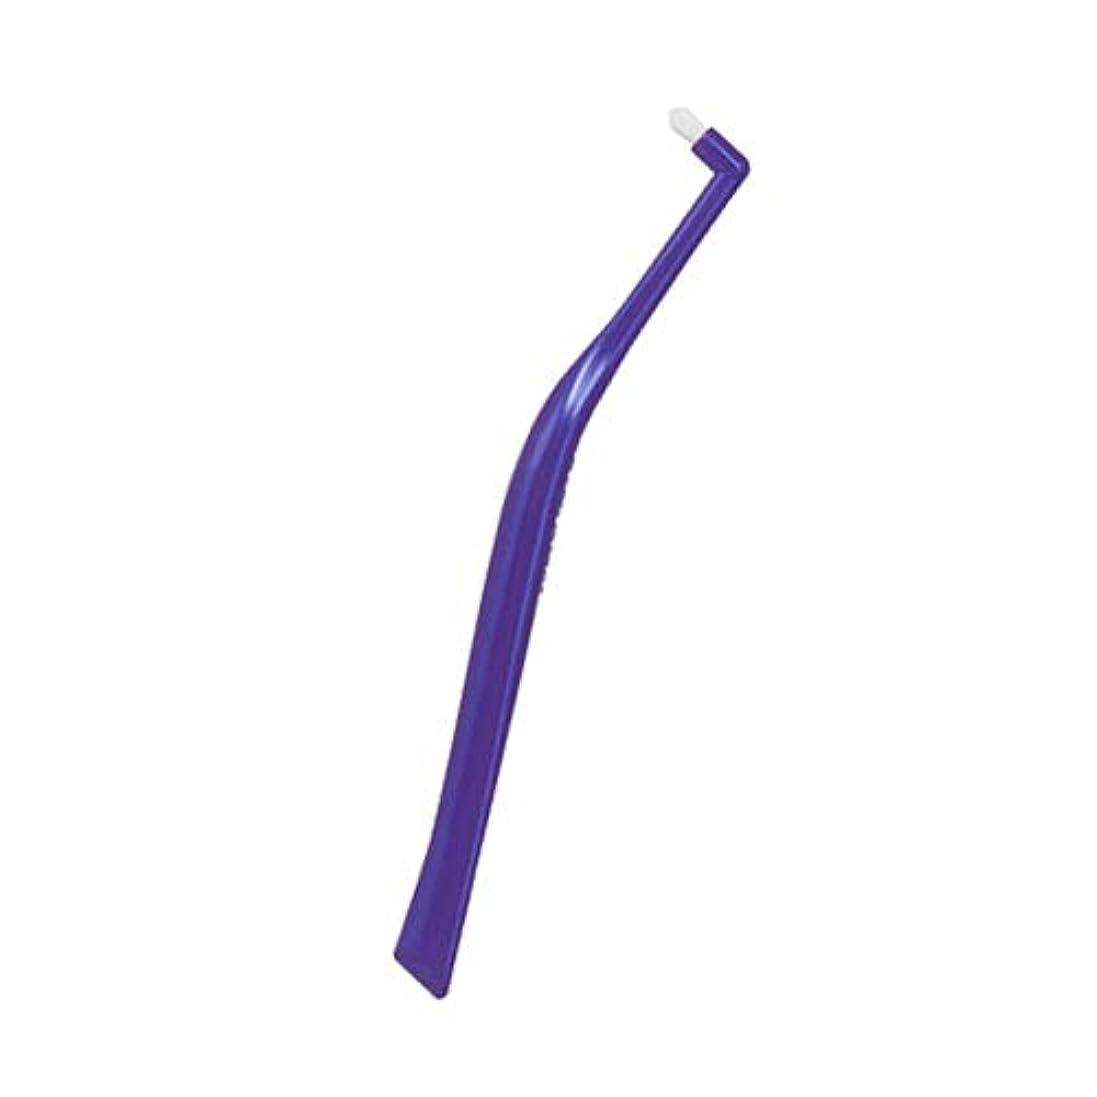 太い疑いしなければならないオーラルケア ジャスライ (Just Right) 歯ブラシ × 1本(パープル)ワンタフトブラシ ワンタフト 歯科専用